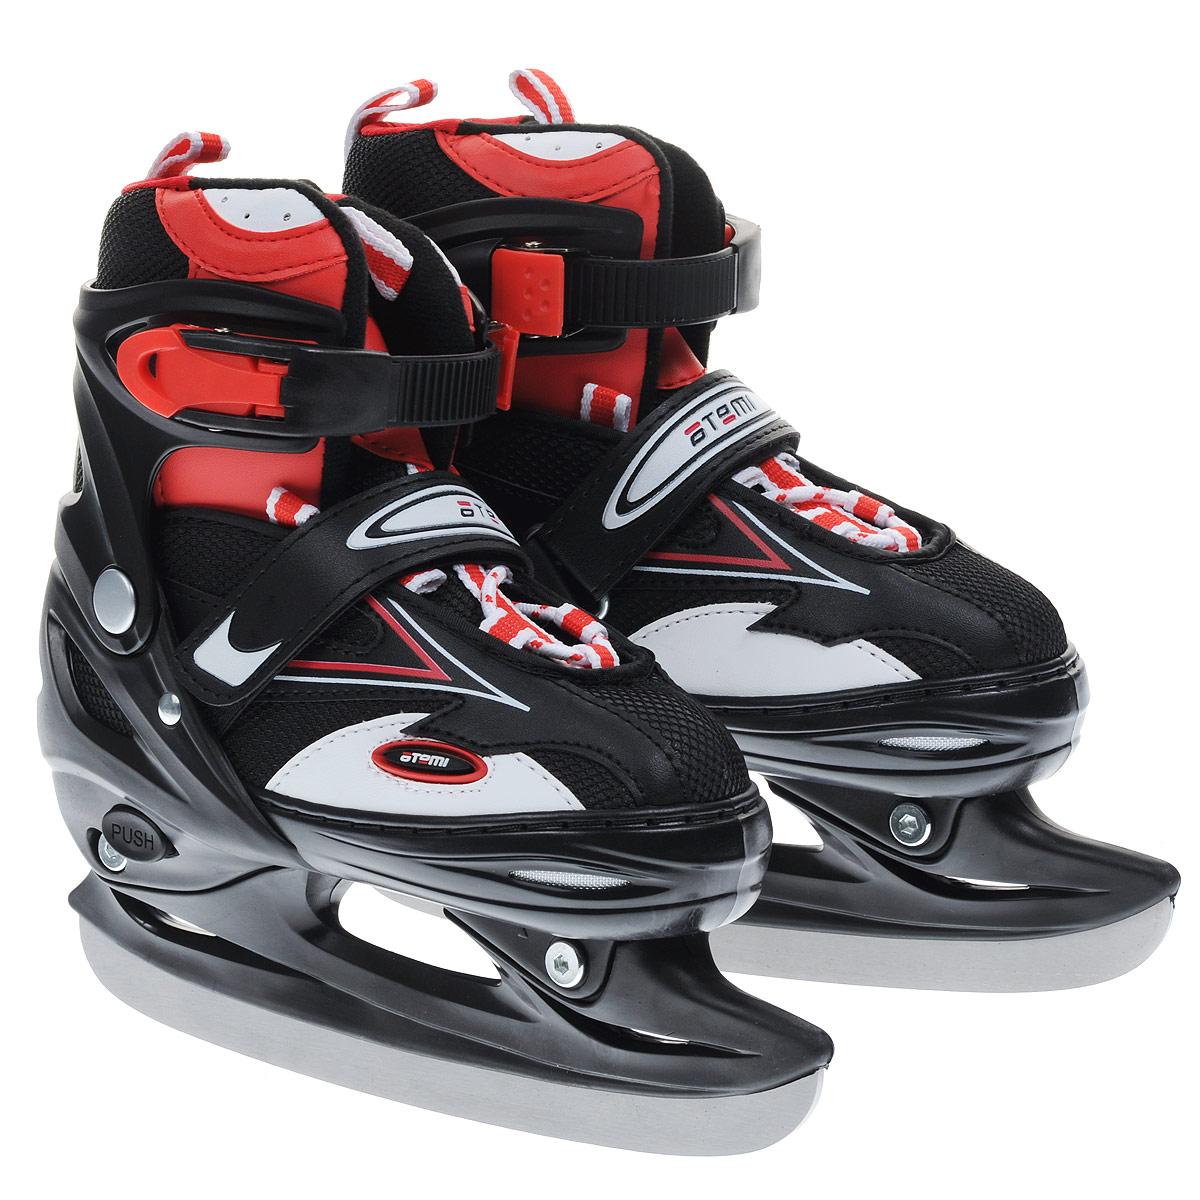 Коньки-трансформеры раздвижные Atemi Cross, хоккейные/роликовые, цвет: черный, красный, белый. Размер 34/37